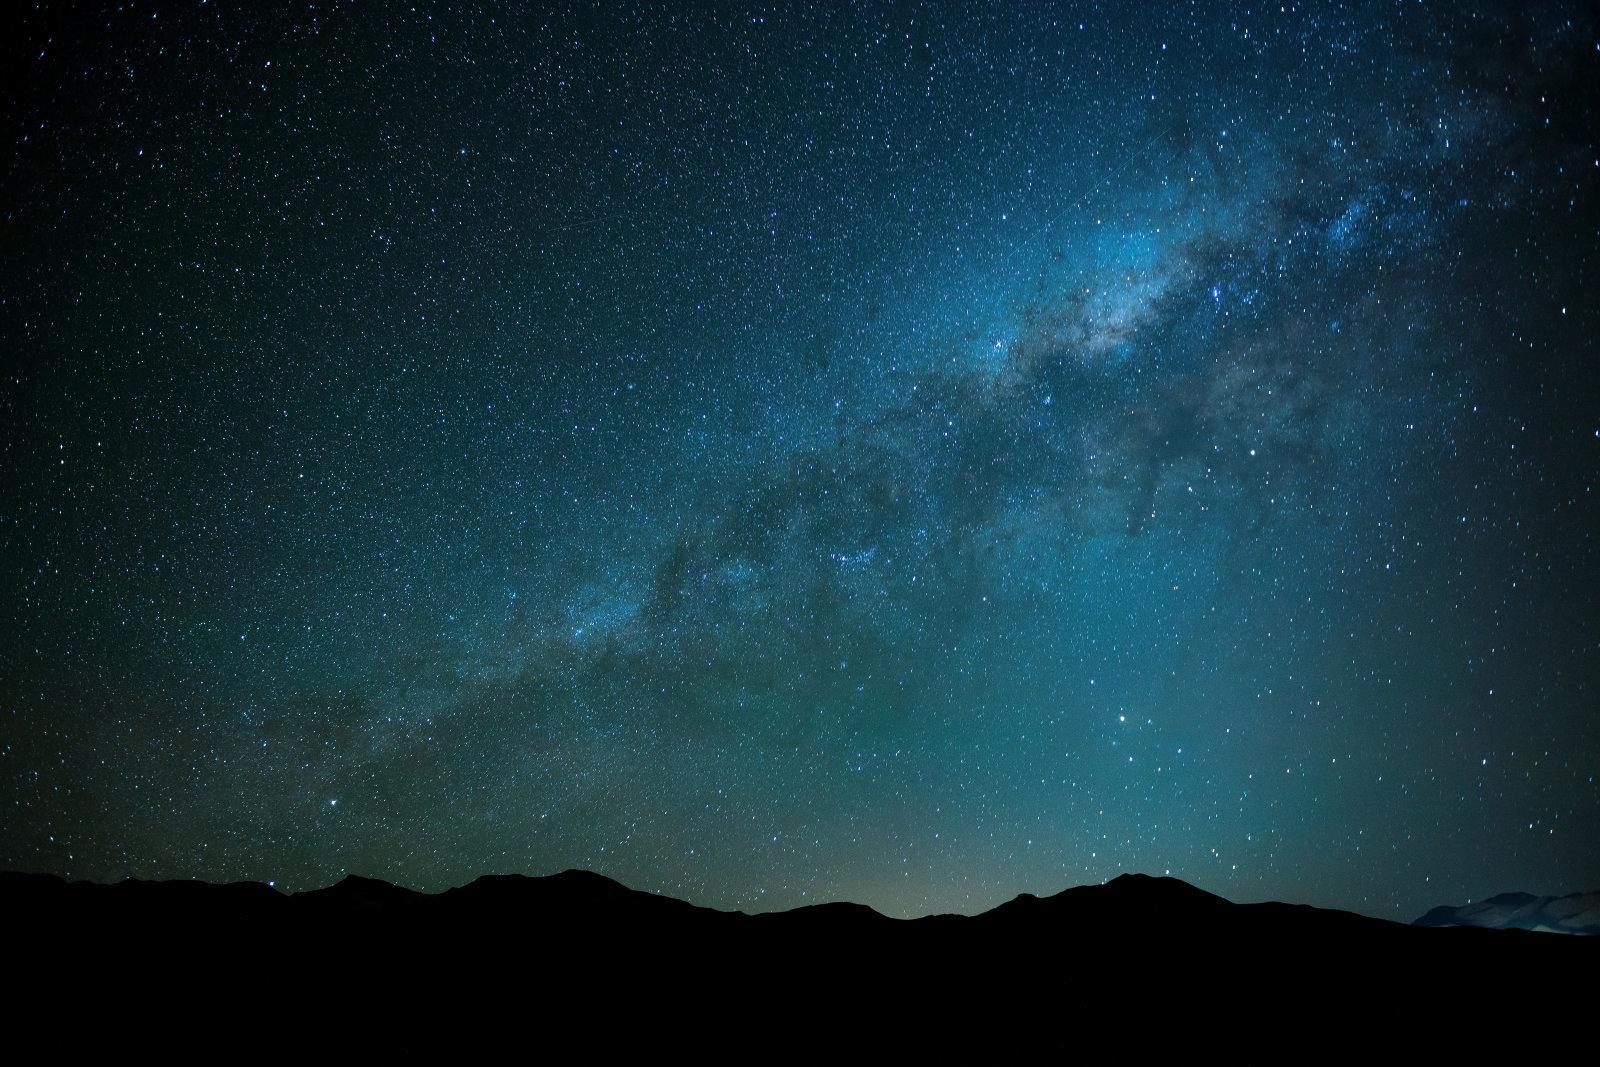 Onde radio spazio Via Lattea